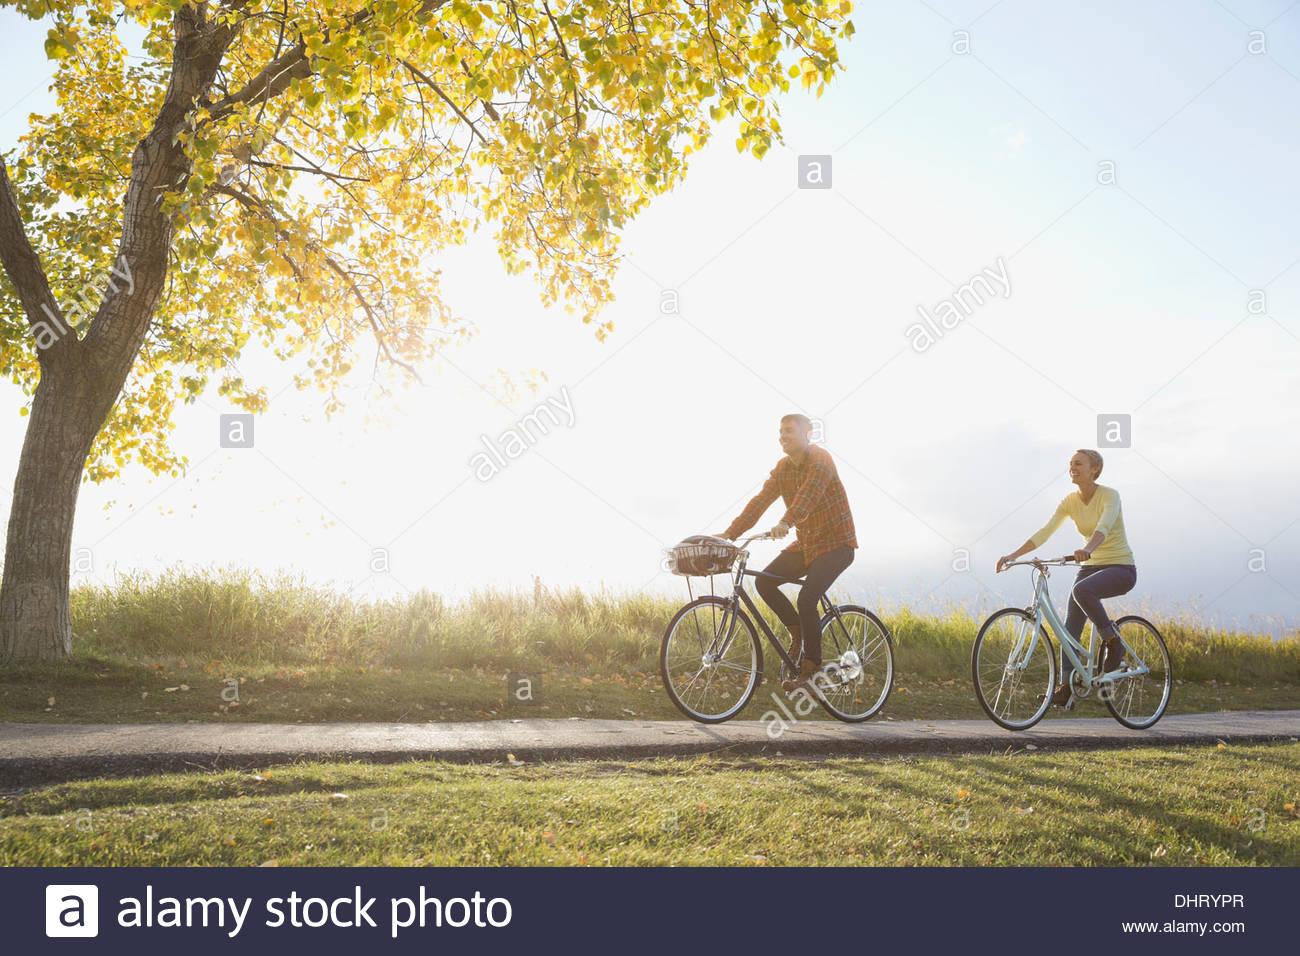 Par de ciclismo en carretera Imagen De Stock